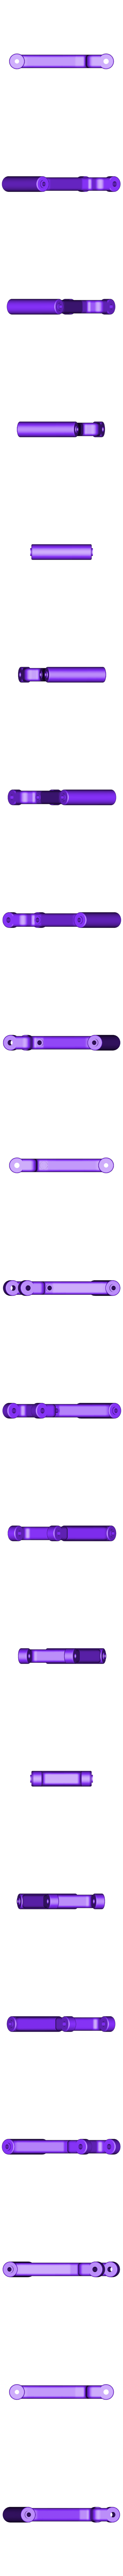 Front Swing arm.stl Télécharger fichier STL gratuit WLtoys A959 • Plan imprimable en 3D, EvolvingExtrusions